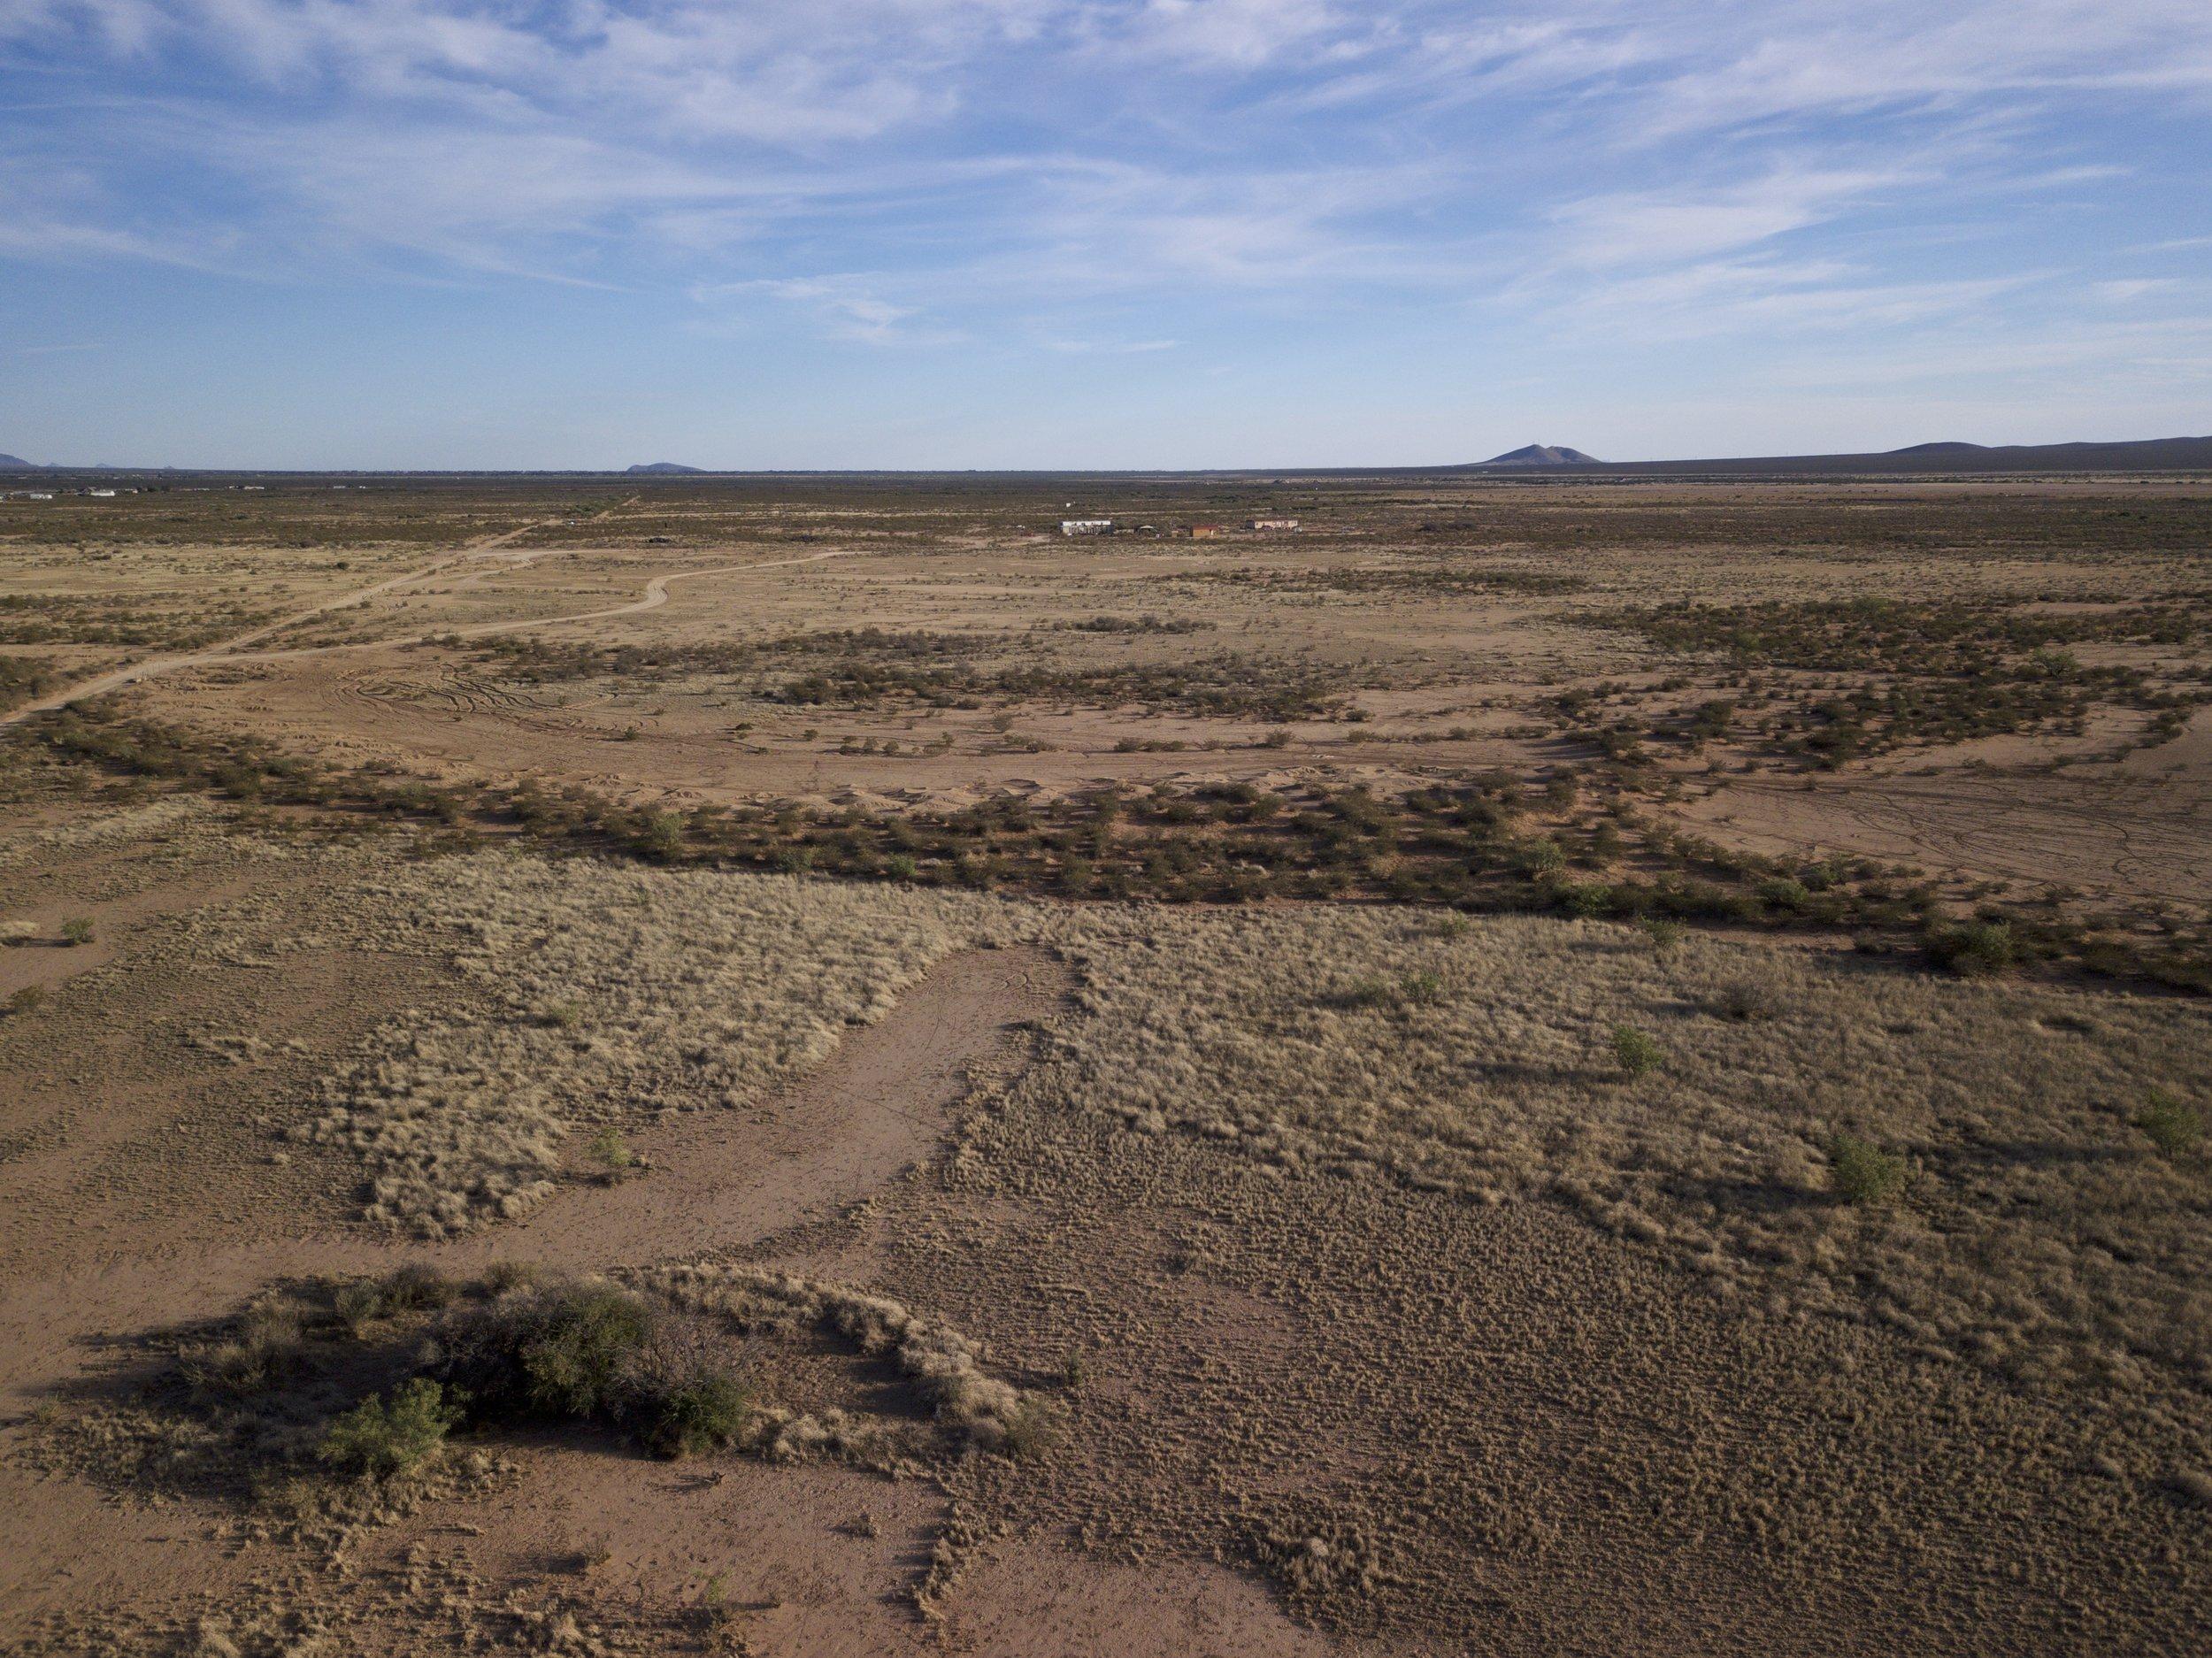 DANM-1283-drone-92709.jpg